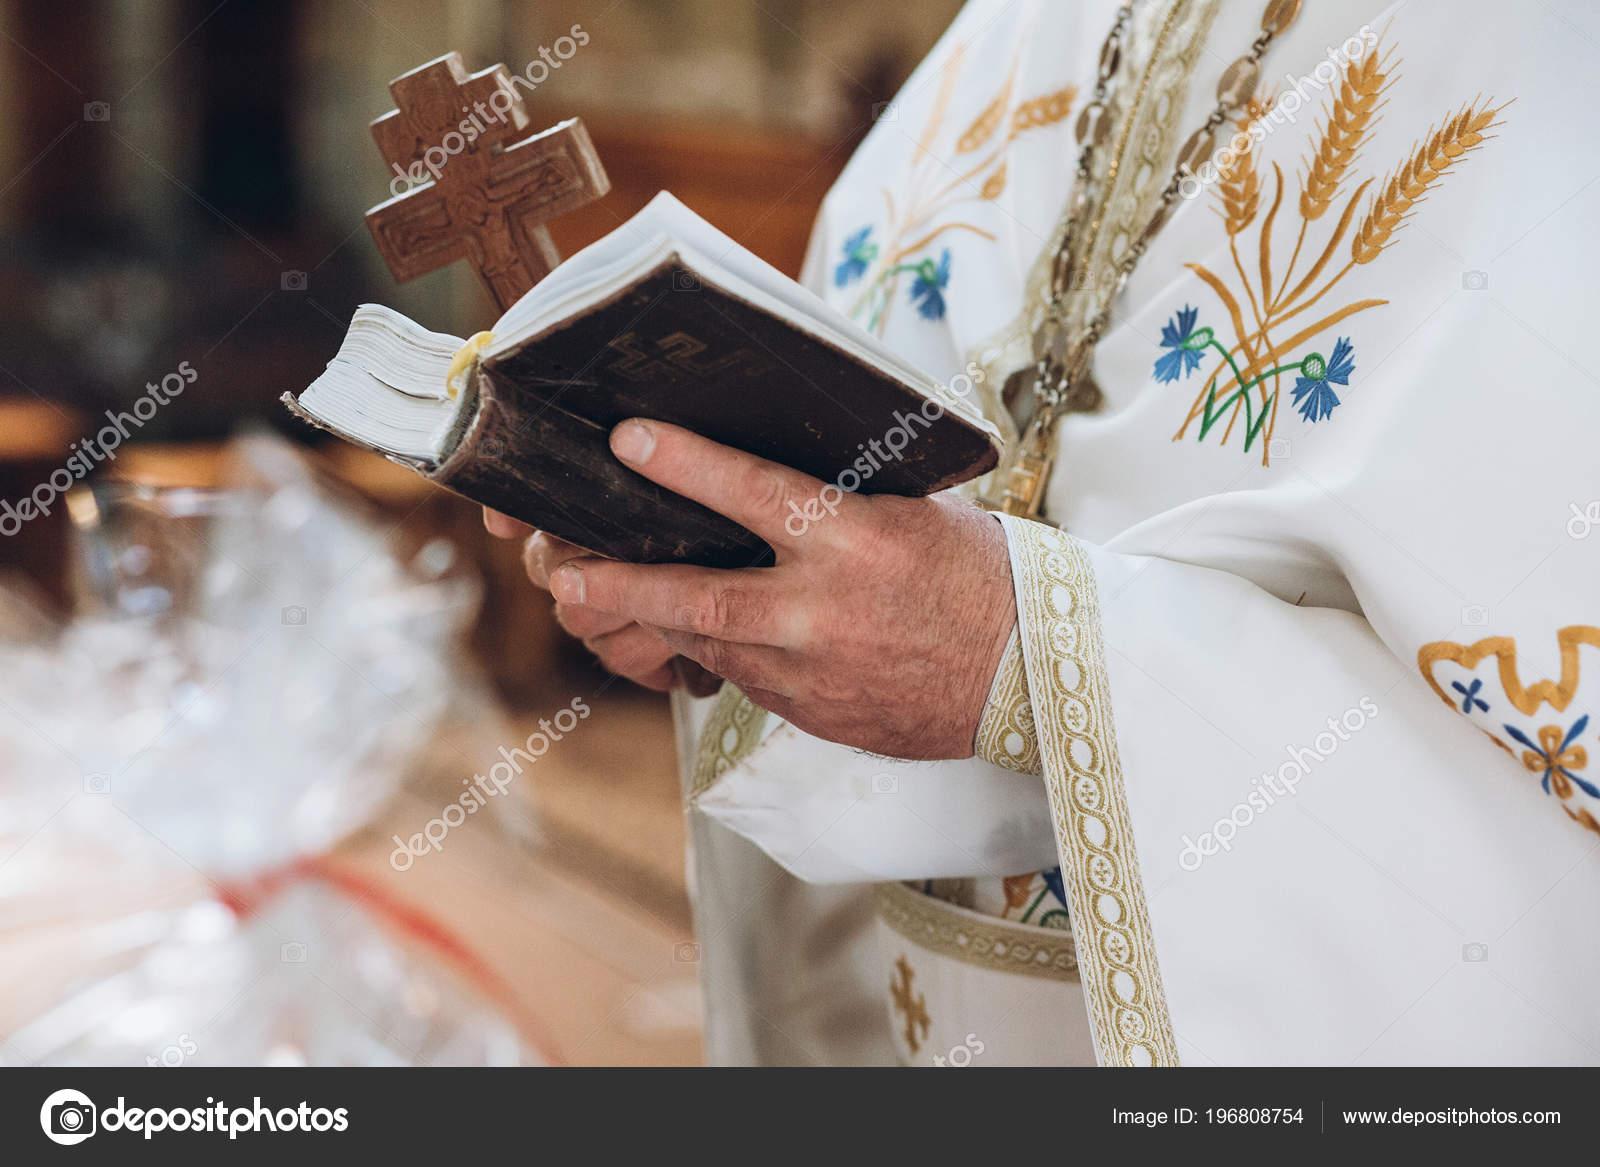 Matrimonio Religioso Biblia : Biblia participación del sacerdote libro santo las manos hombre